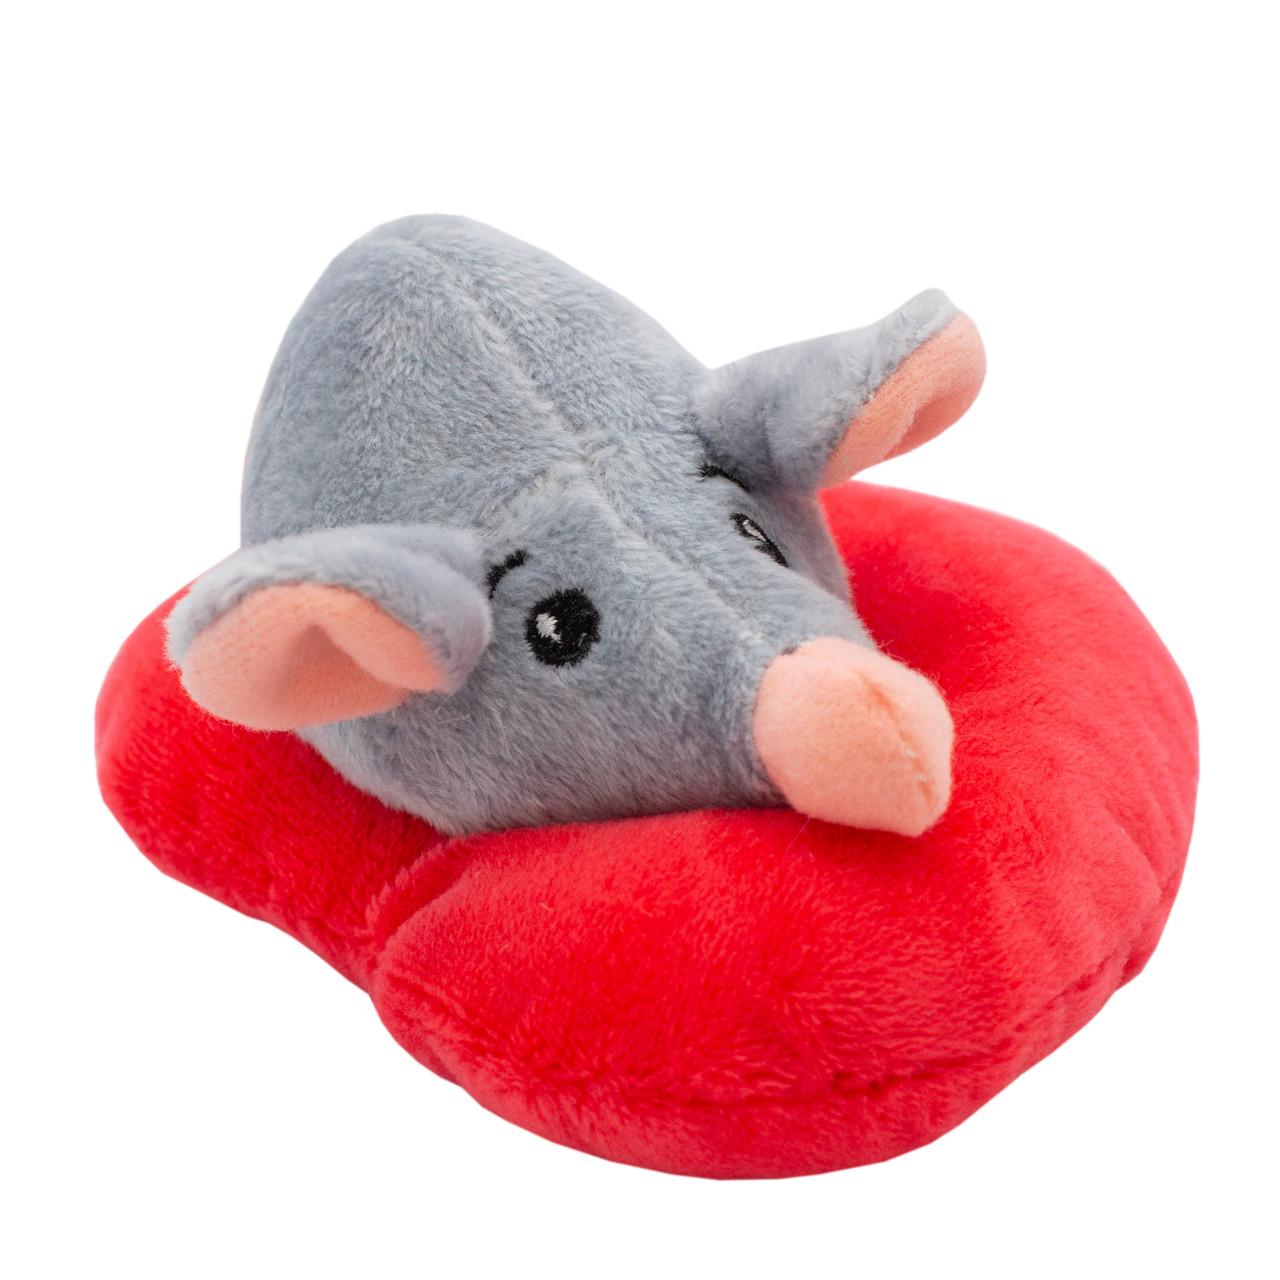 Мягкая игрушка - крыса с сердечком, 12 см, серый, мех искусственный (M1819712A-2)